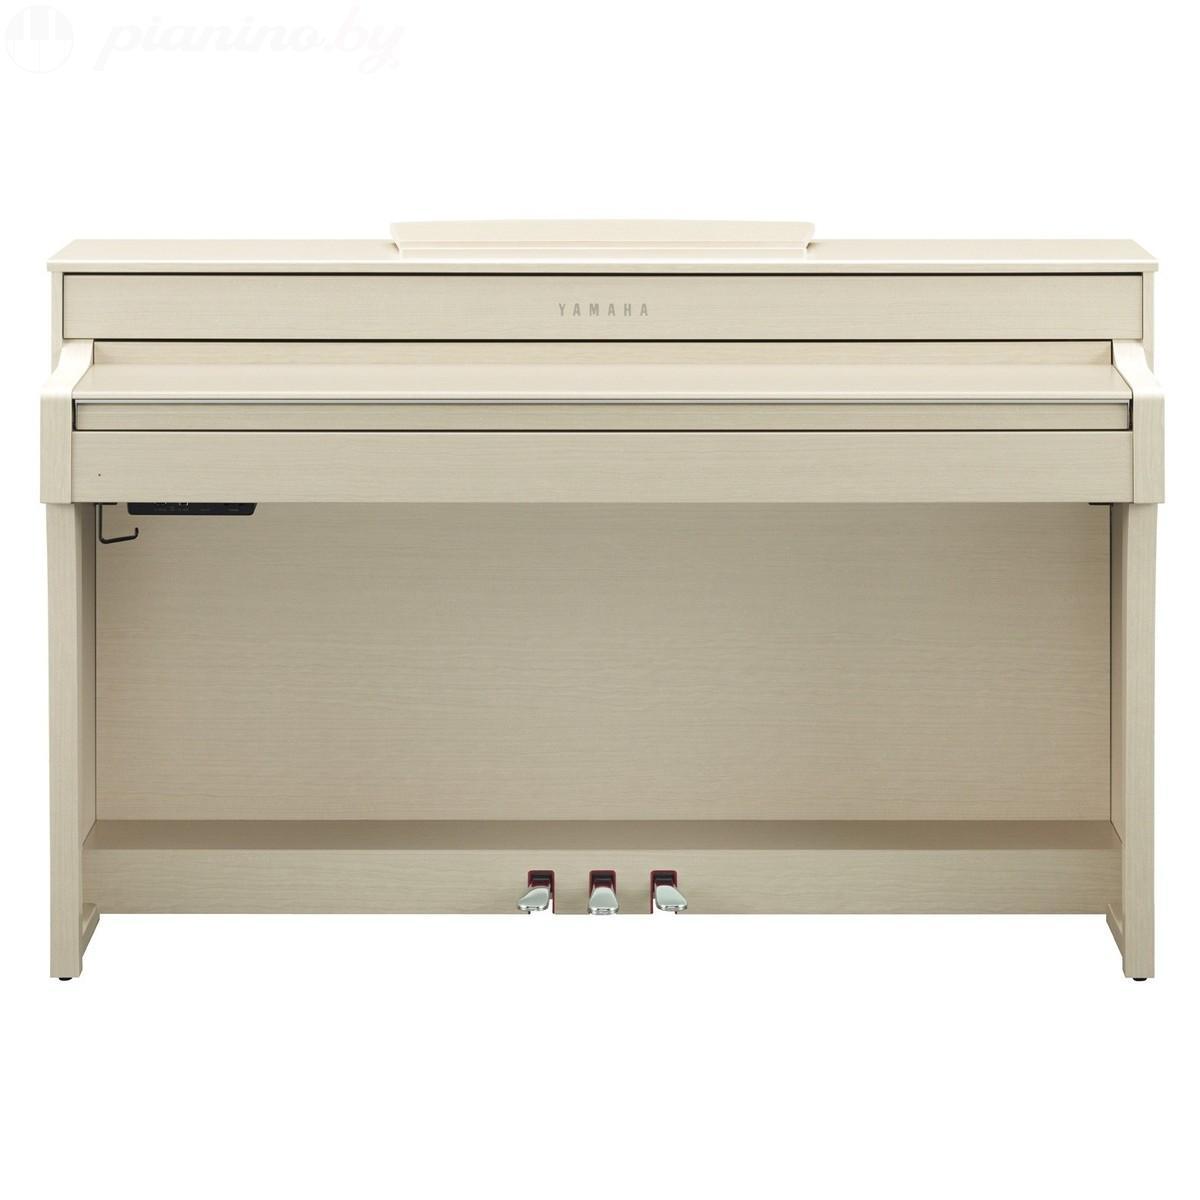 Цифровое пианино Yamaha Clavinova CLP-635 White Ash Фото 2